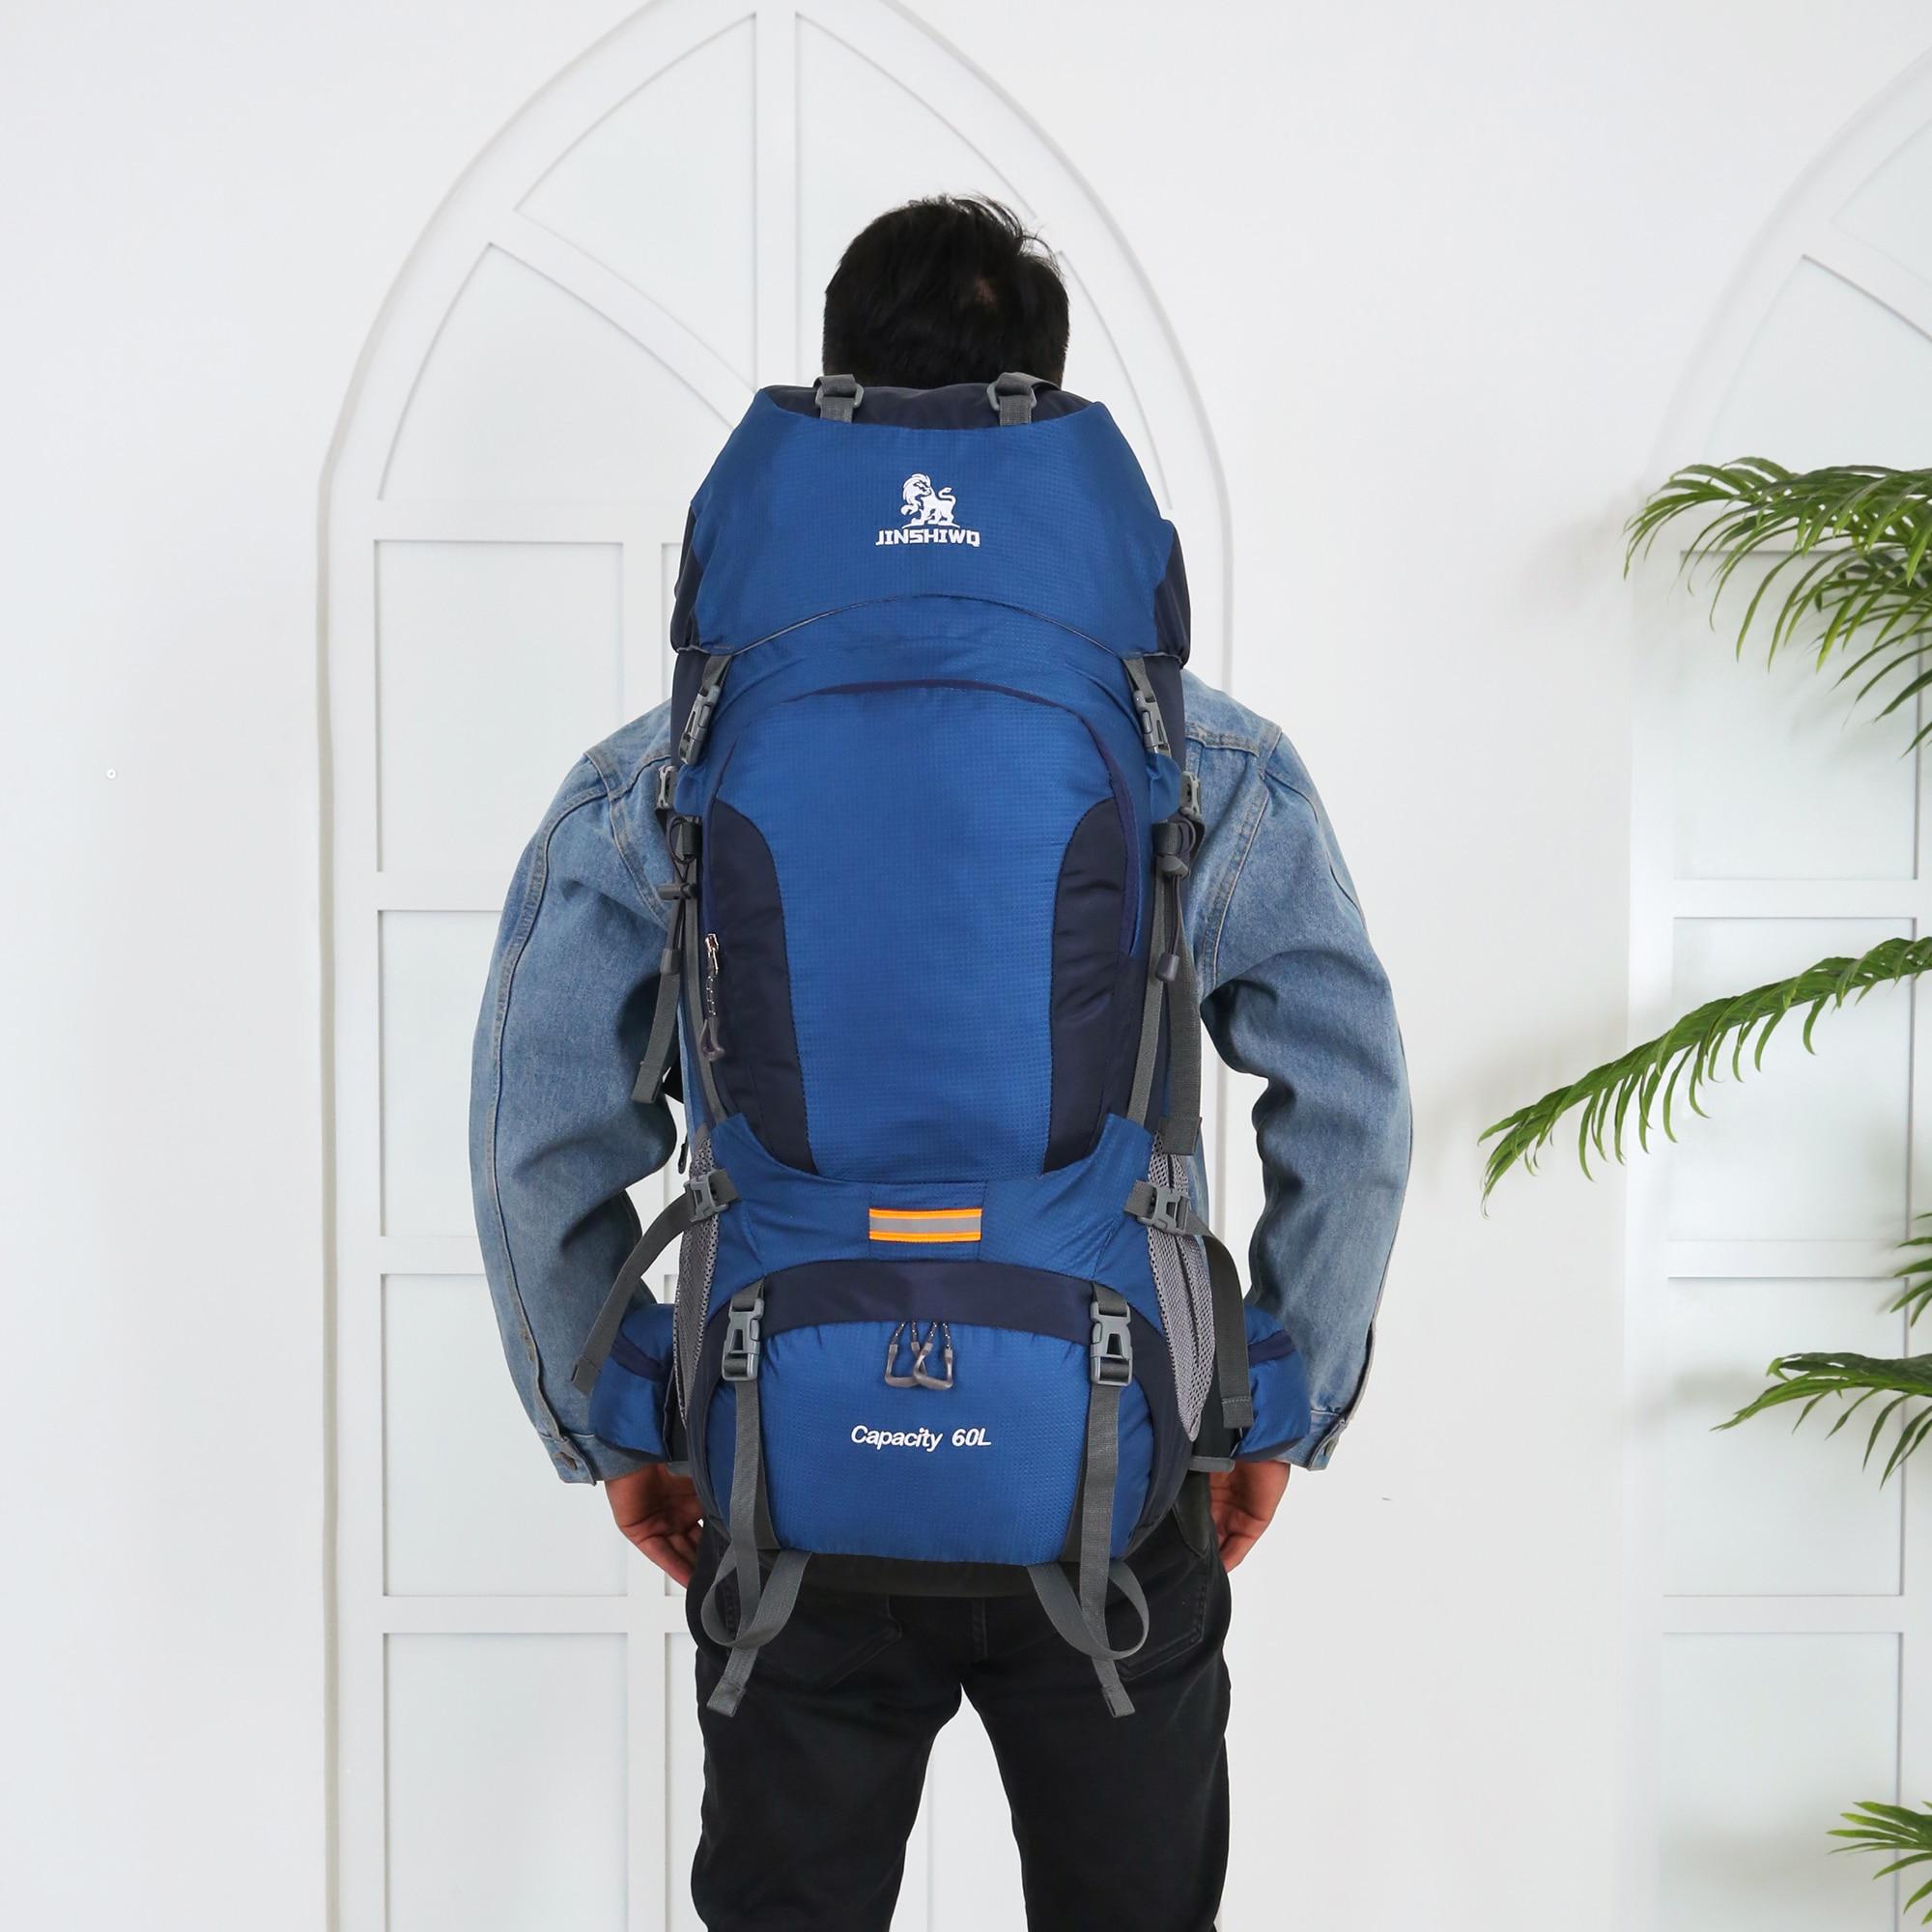 ROCKBROS 24L Водонепроницаемый велосипеда велосипедная сумка, Велоспорт велосипед рюкзак Повседневное школьные ранцы для отдыха на открытом во... - 5